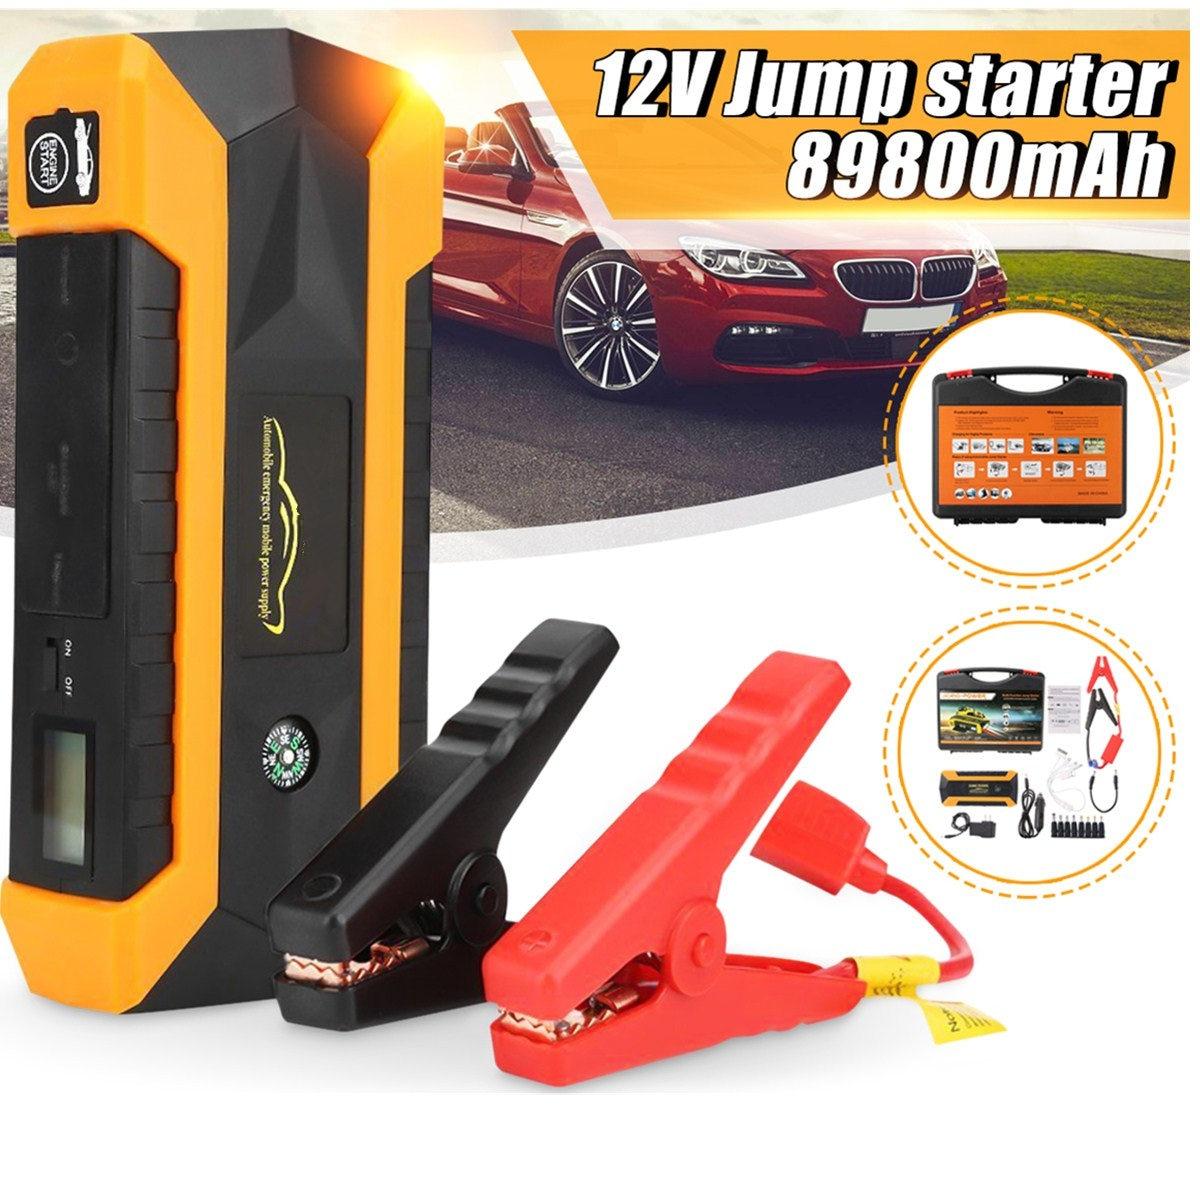 Pratique 89800 mAh 12 V 4USB voiture chargeur de batterie démarrage voiture saut démarreur Booster batterie externe Kit d'outils pour démarrage automatique dispositif